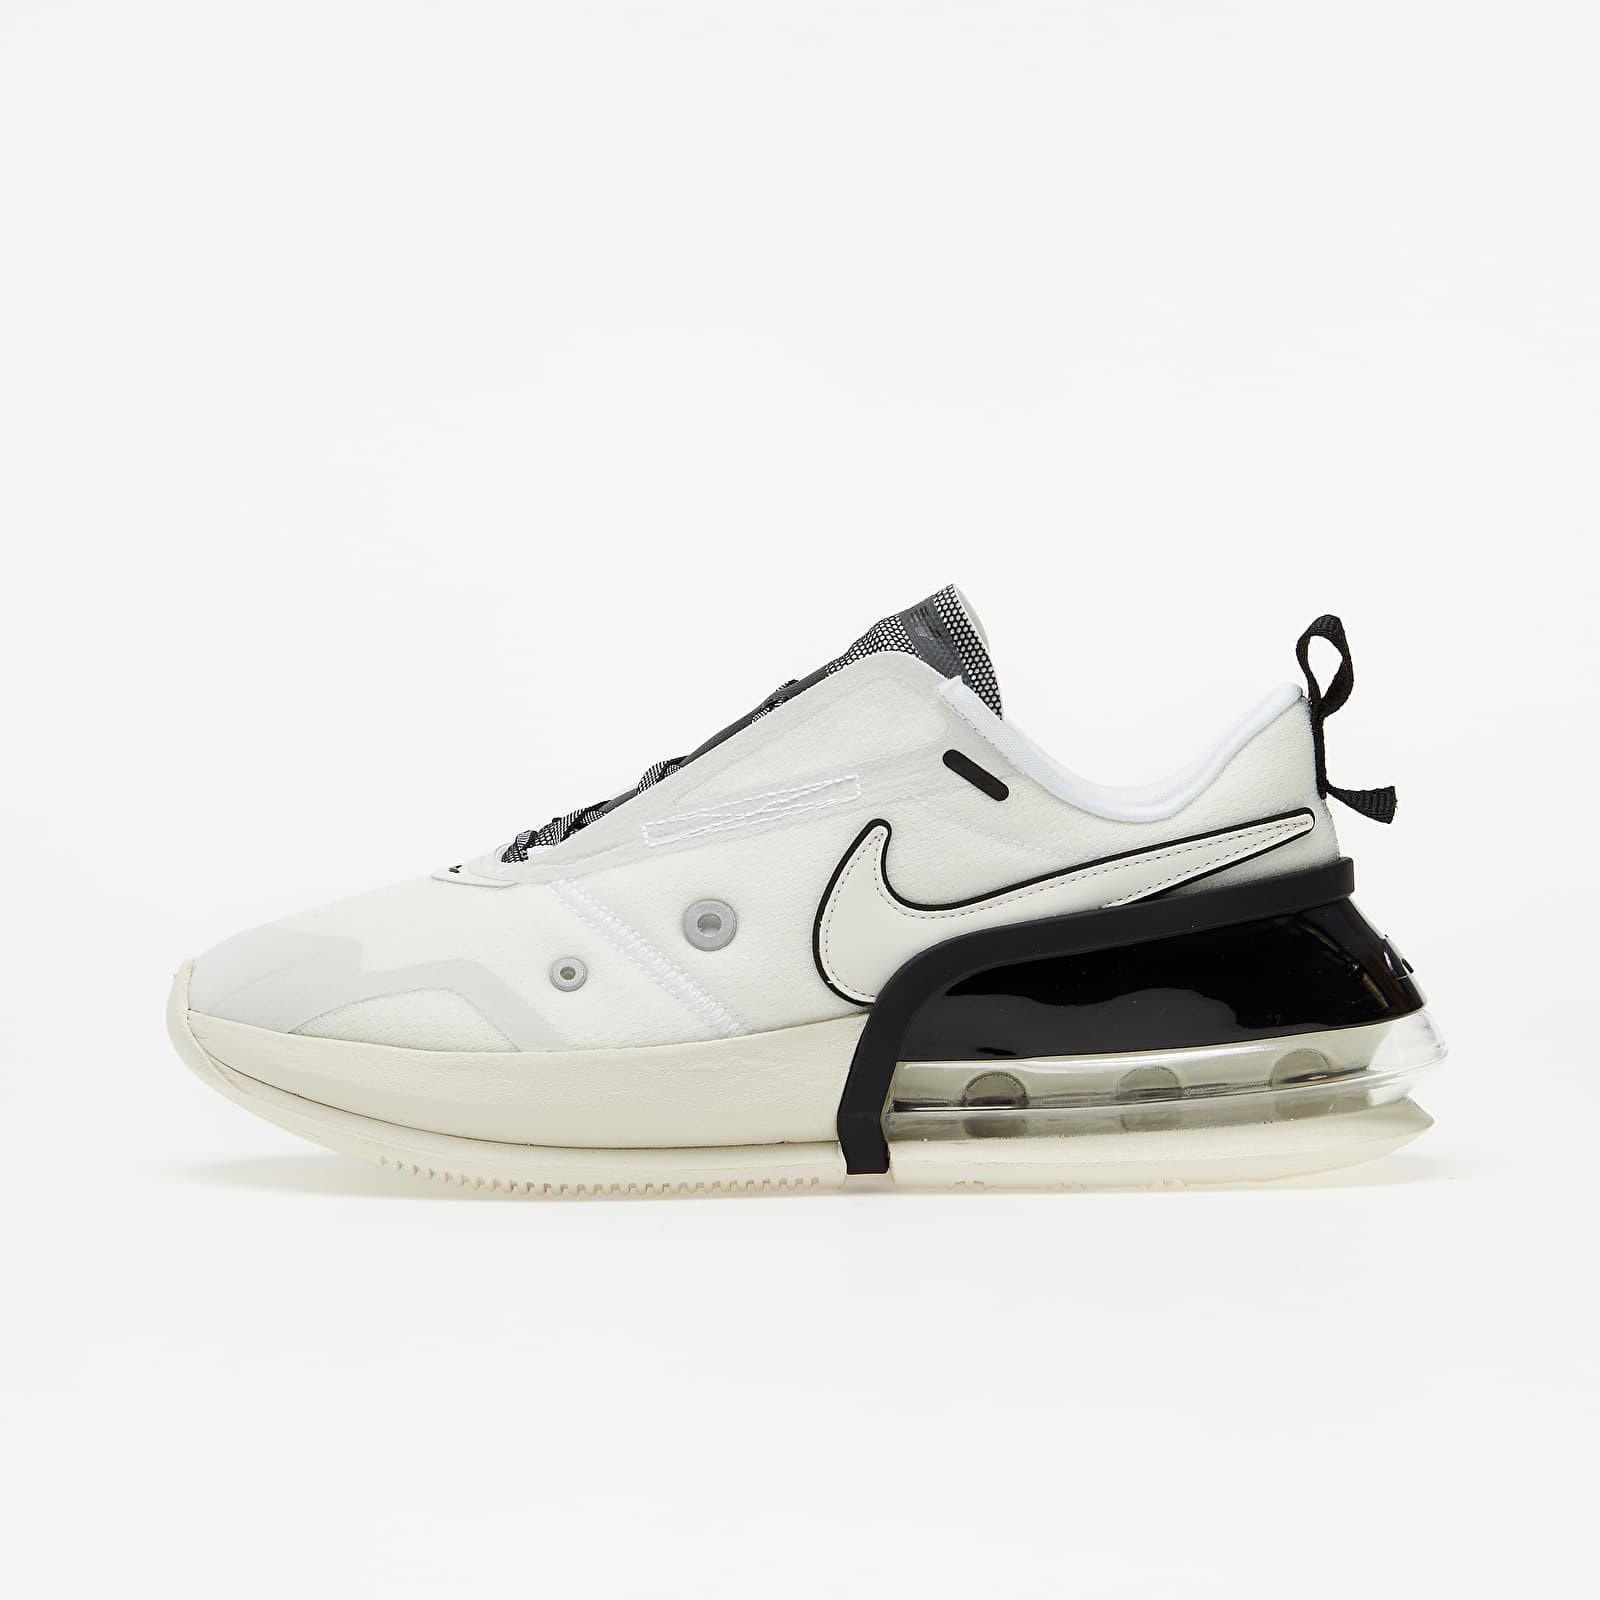 Nike W Air Max Up QS White/ Sail-Pale Ivory-Gum Med Brown EUR 40.5